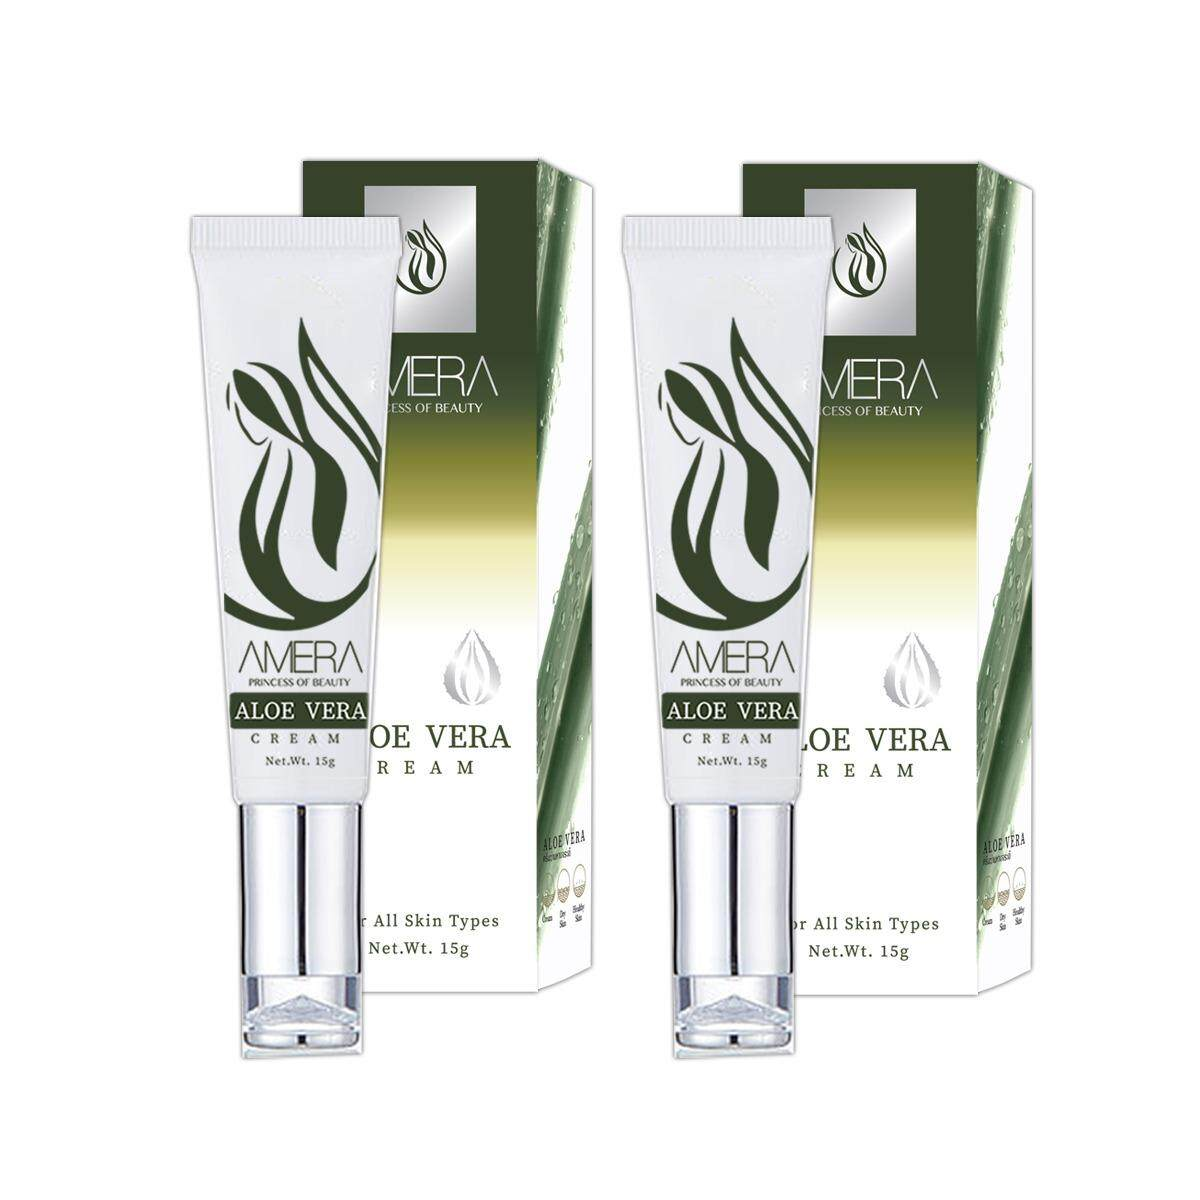 Amera Aloe Vera Cream ครีมว่านหางจระเข้ 15G X2 Amera ถูก ใน ไทย